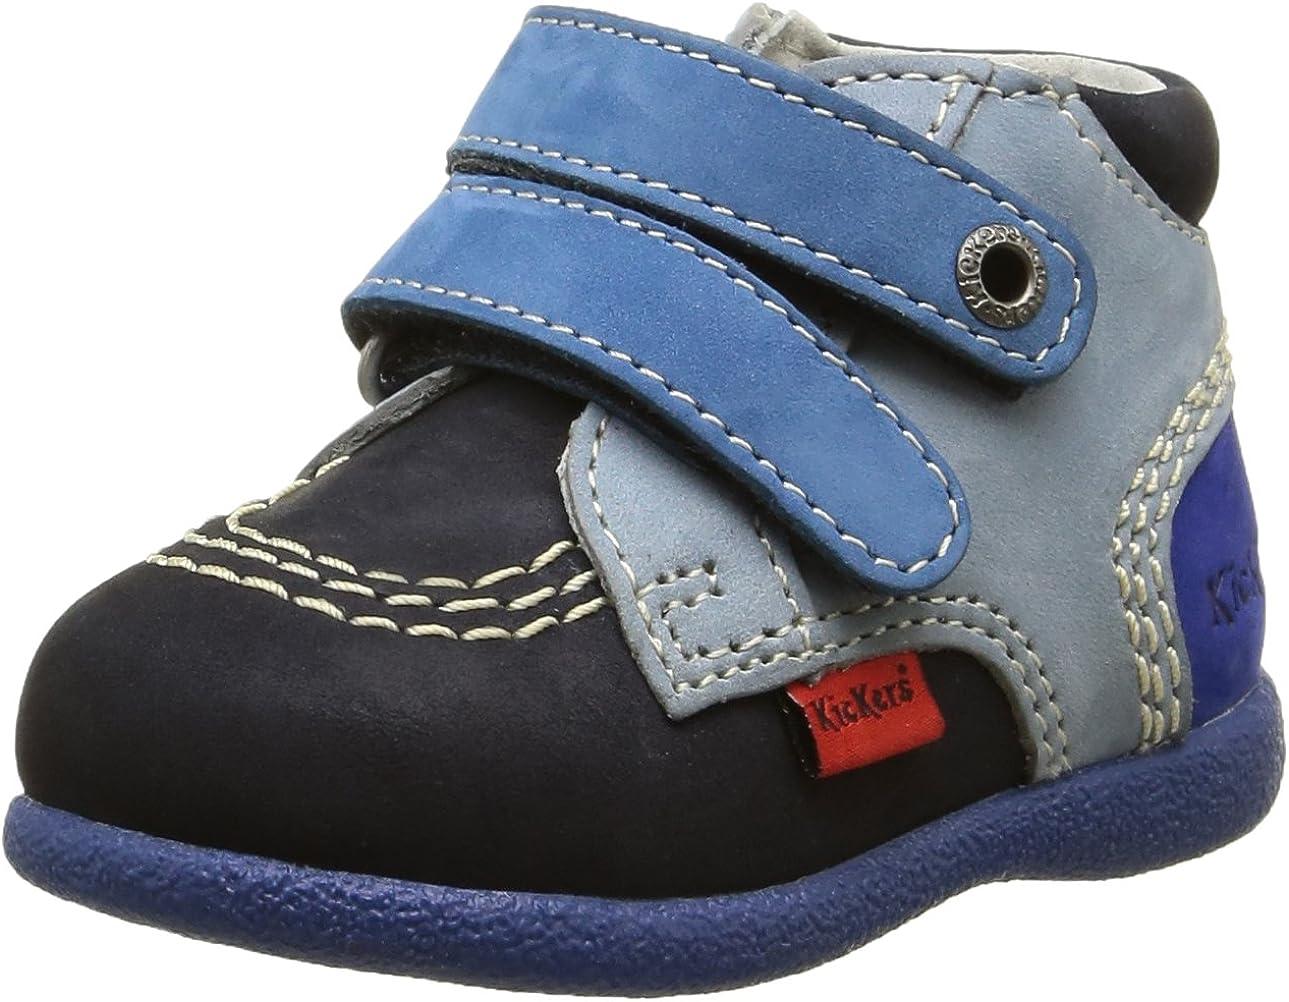 Kickers Babyscratch, Chaussures Marche bébé garçon, Bleu